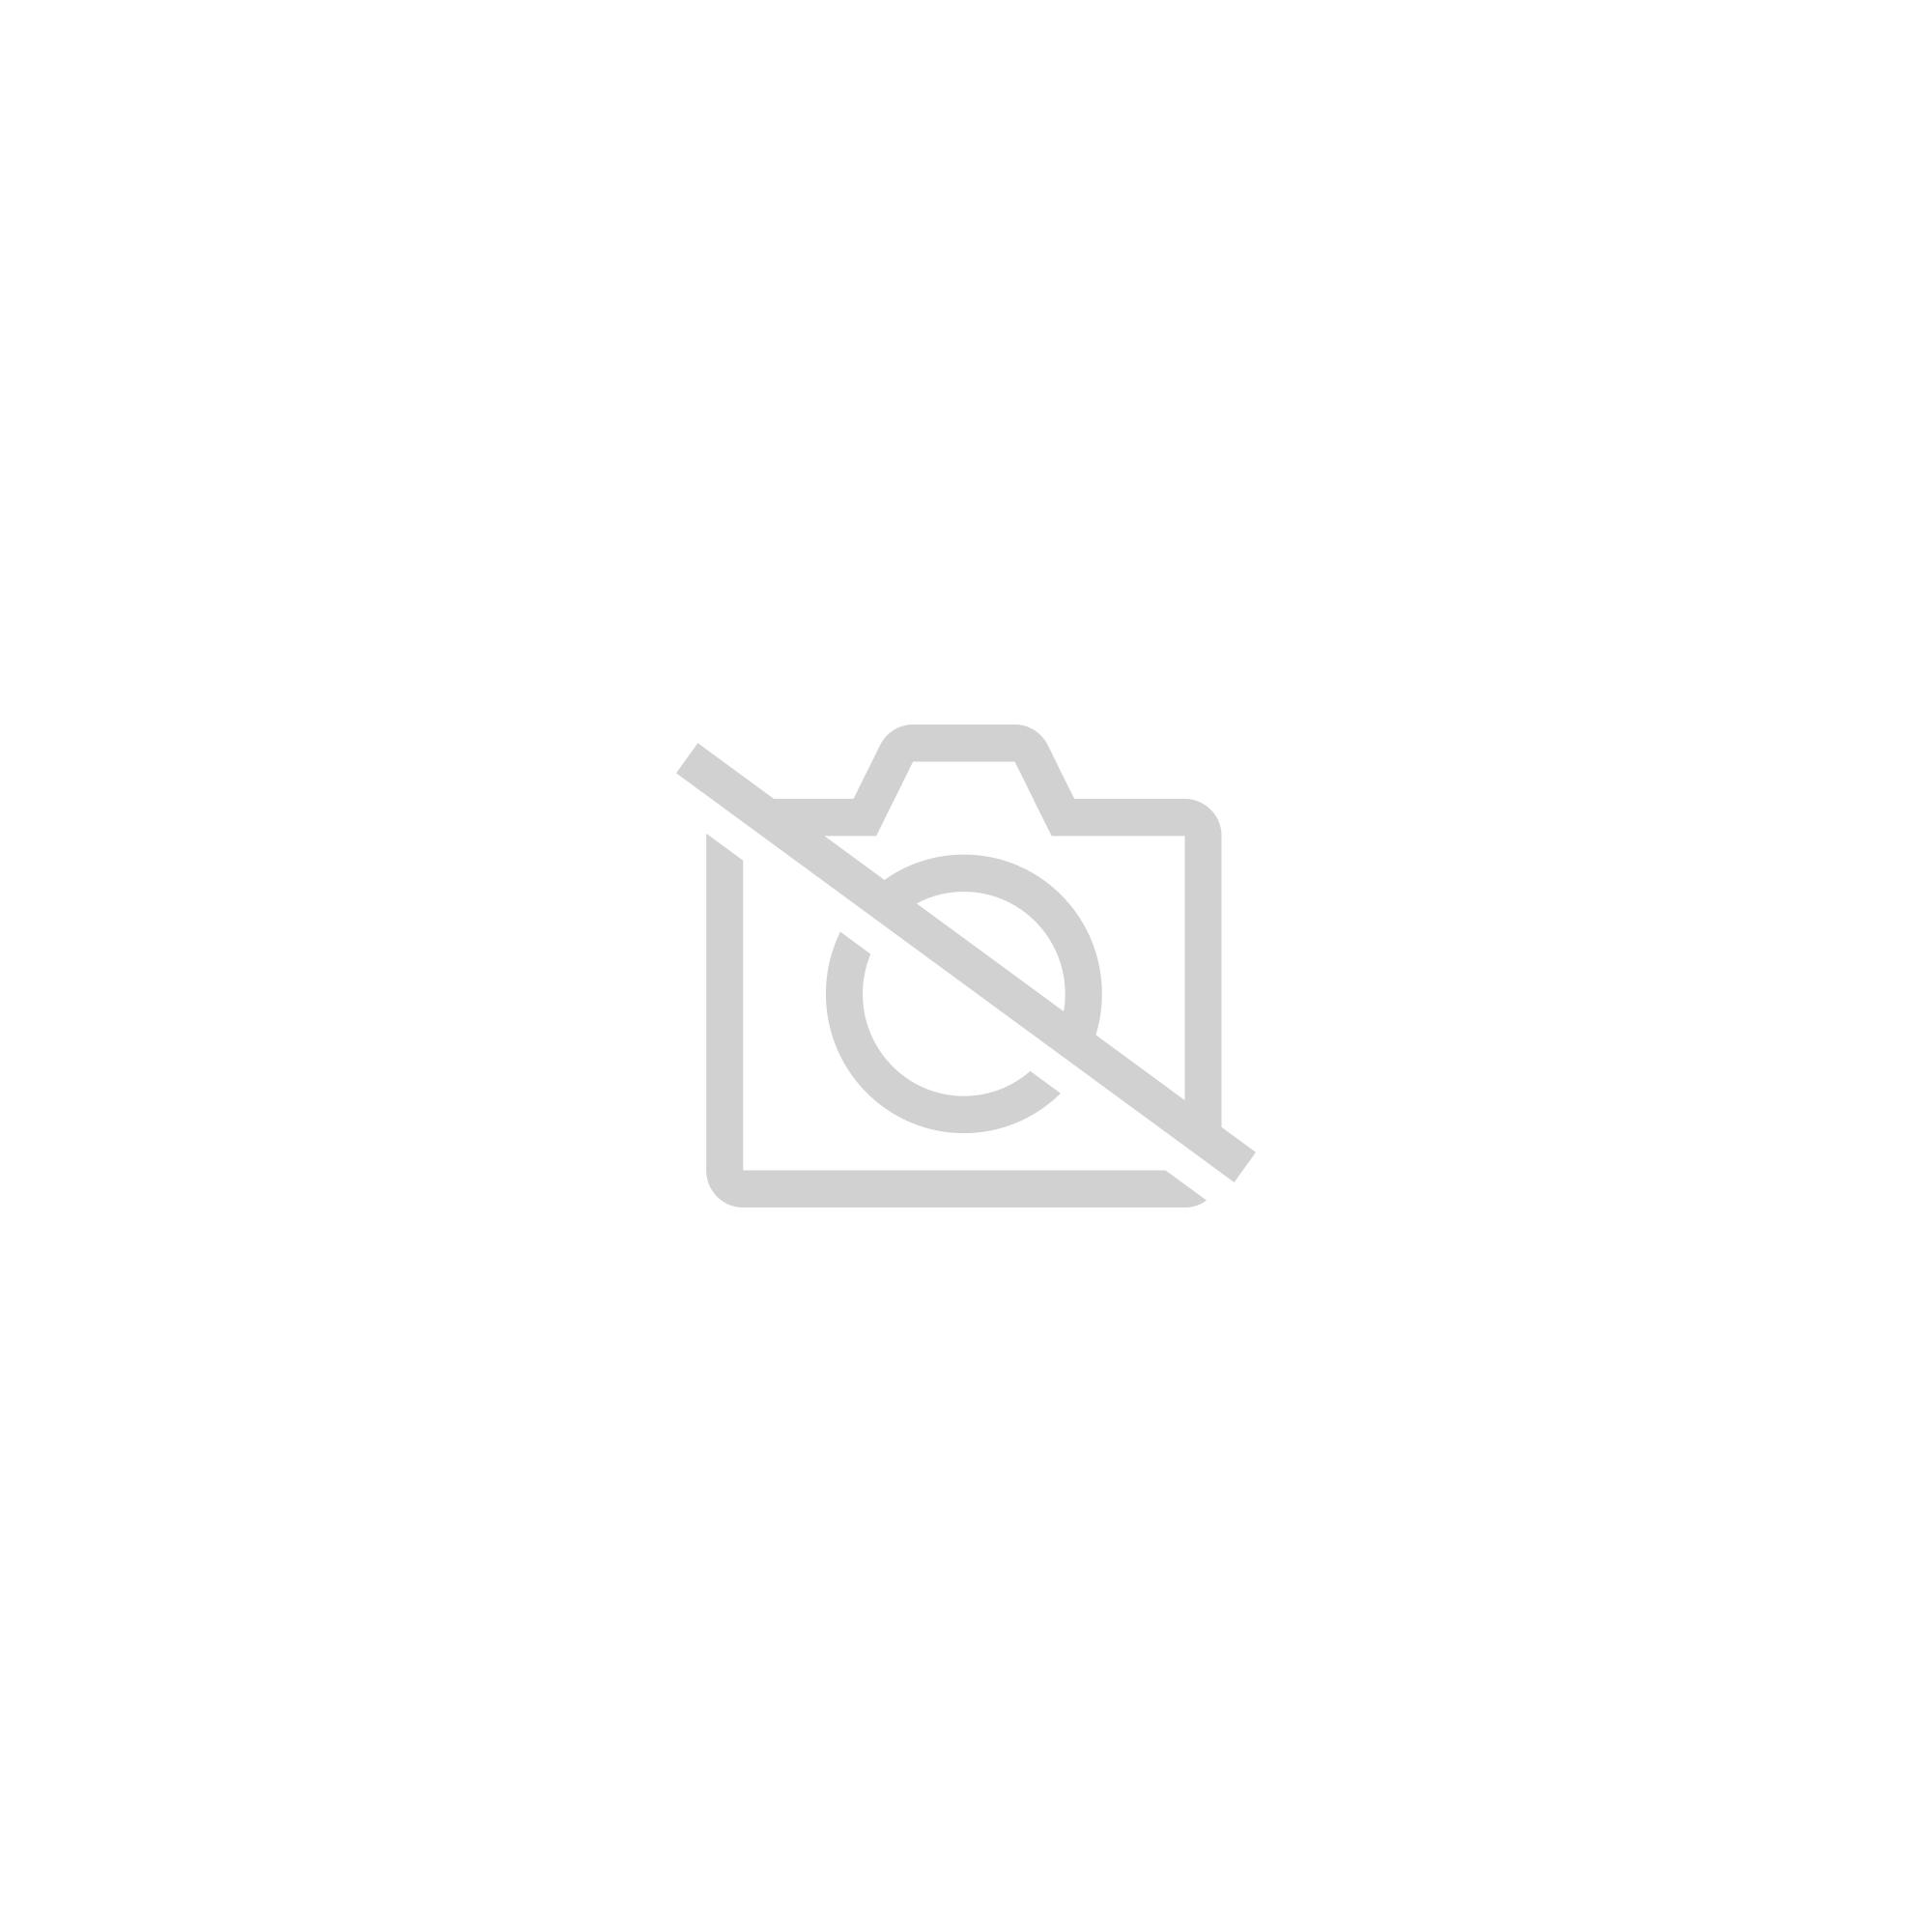 Interpretation de l'Apocalypse, Renfermant l'Histoire des Sept Ages de l'Eglise Catholique, par le Venerable Serviteur de Dieu Barthelemi Holzhauser, etc. Ouvrage Traduit du Latin et Continue par le Chanoine de Wuilleret. Deuxieme Edition. DEUX TOMES